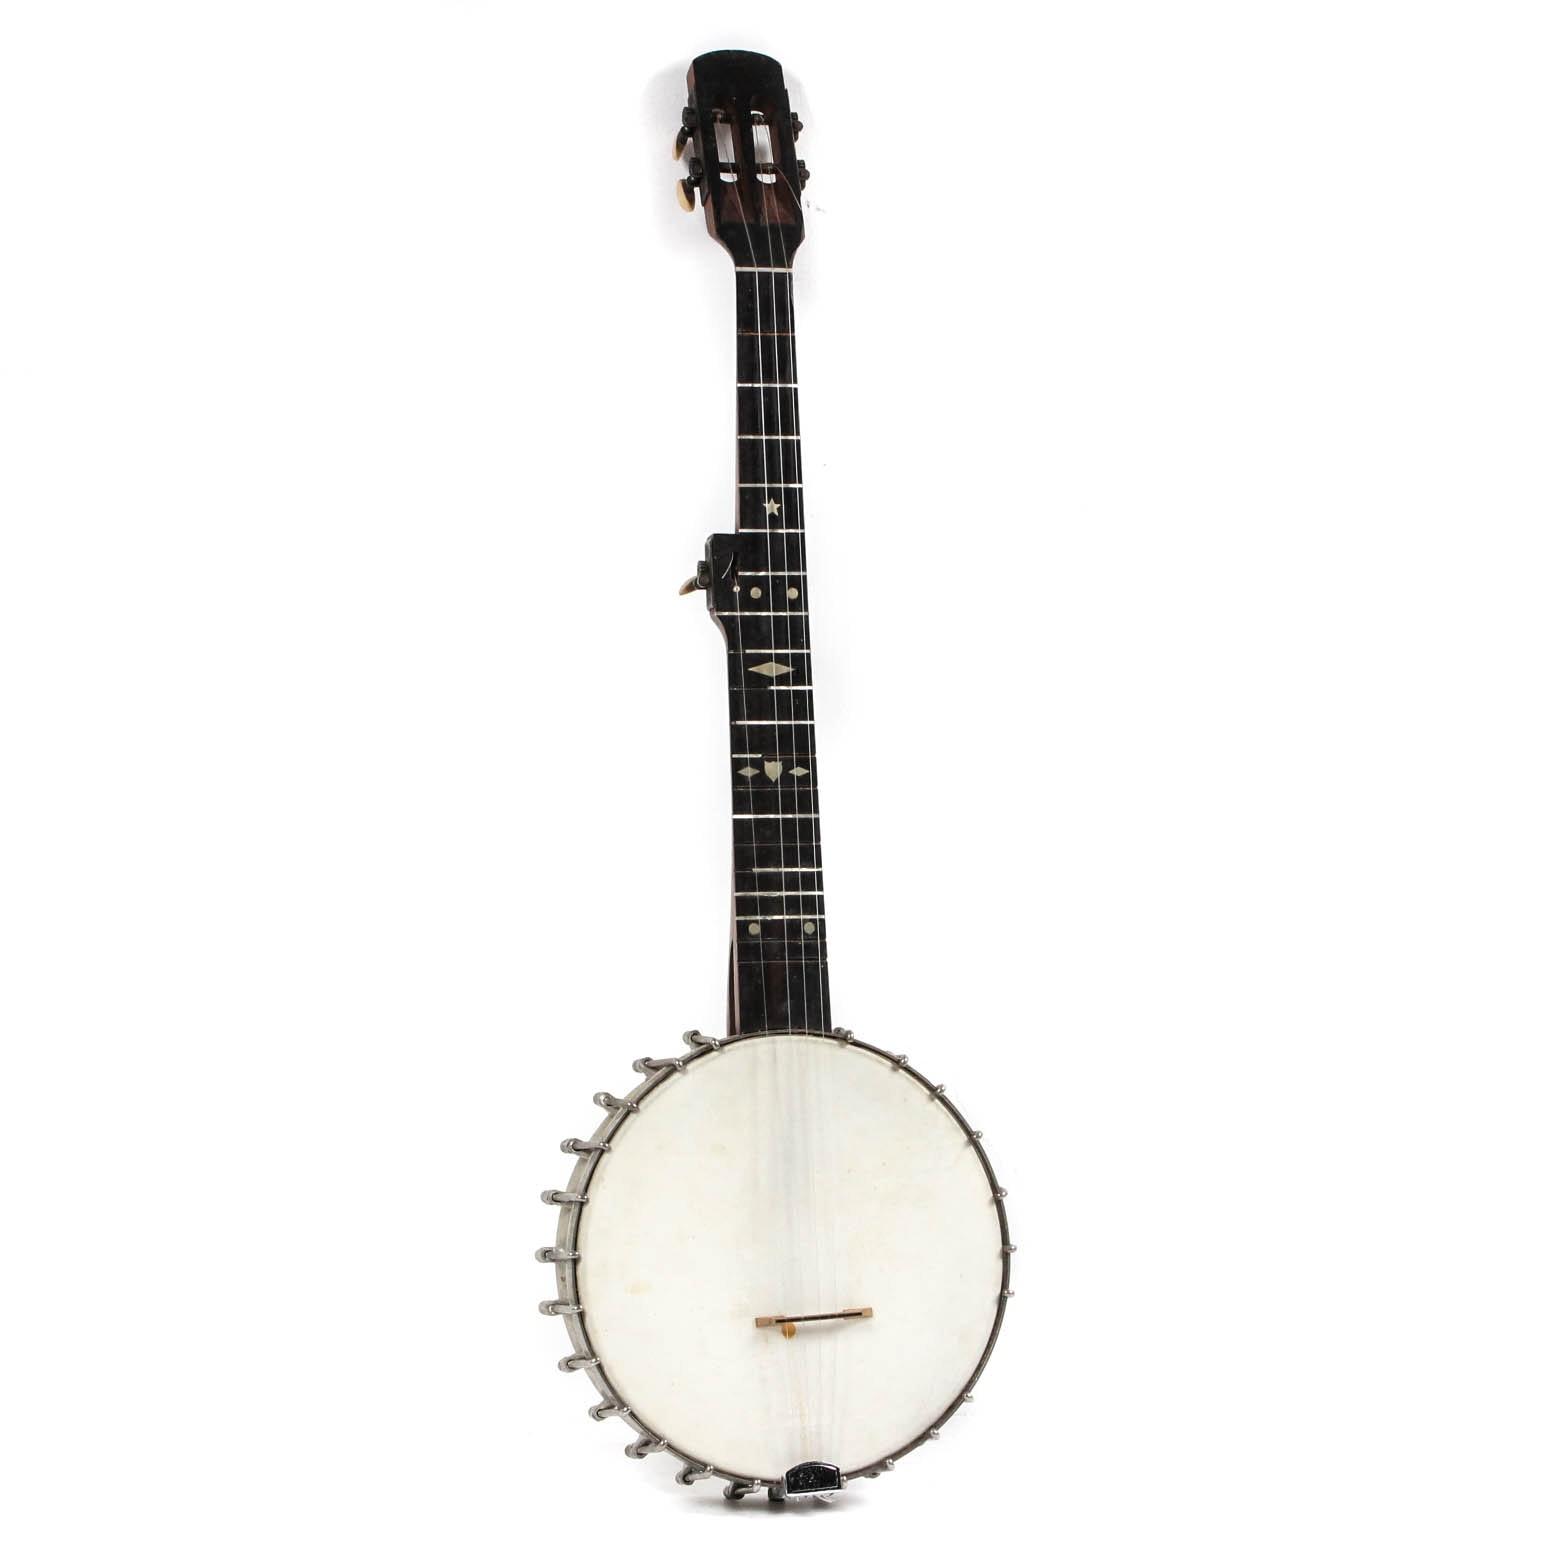 Vintage Banjo with Case